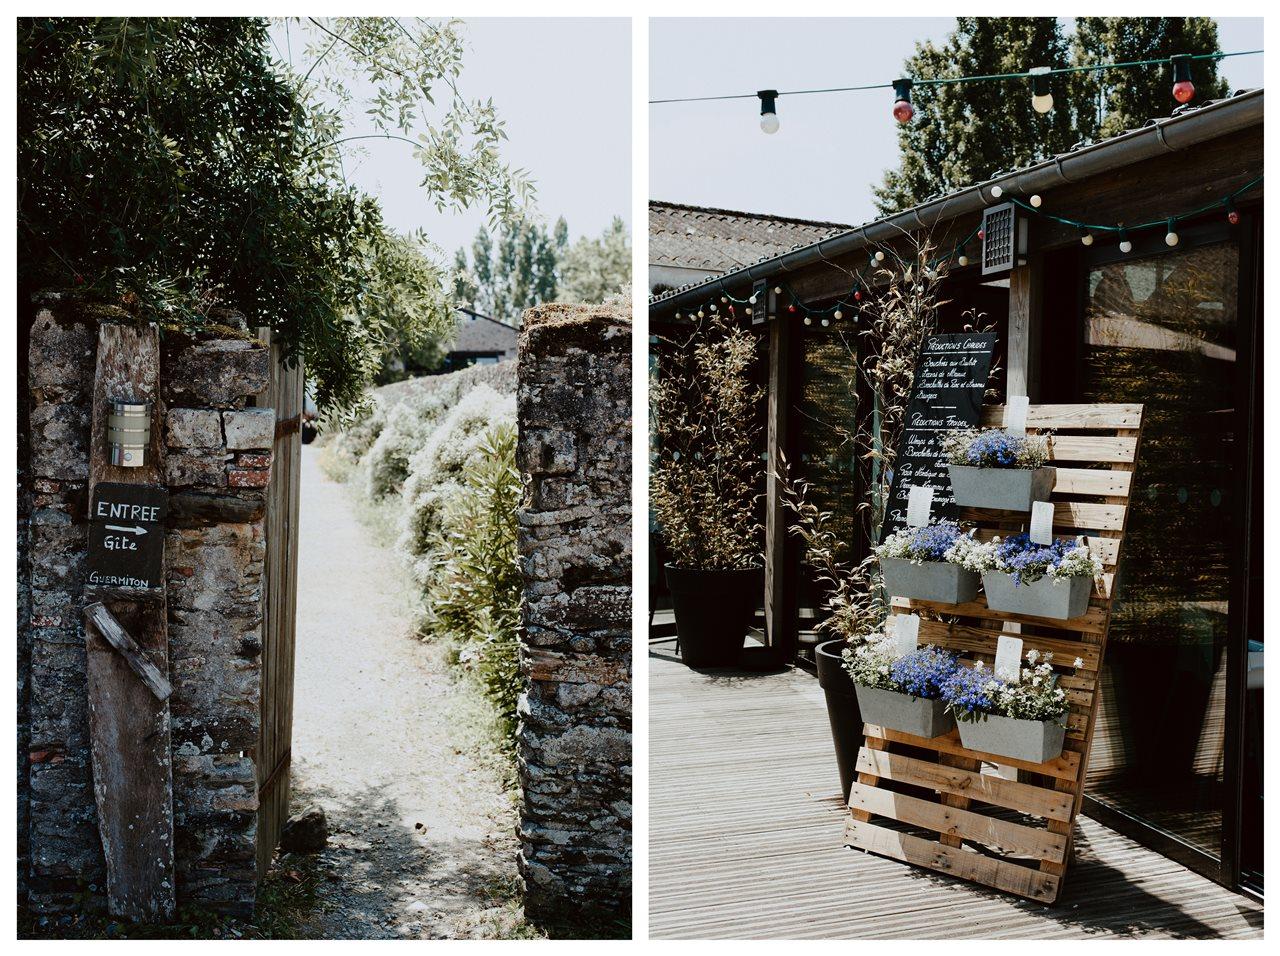 Mariage bohème guermiton entrée et terrasse